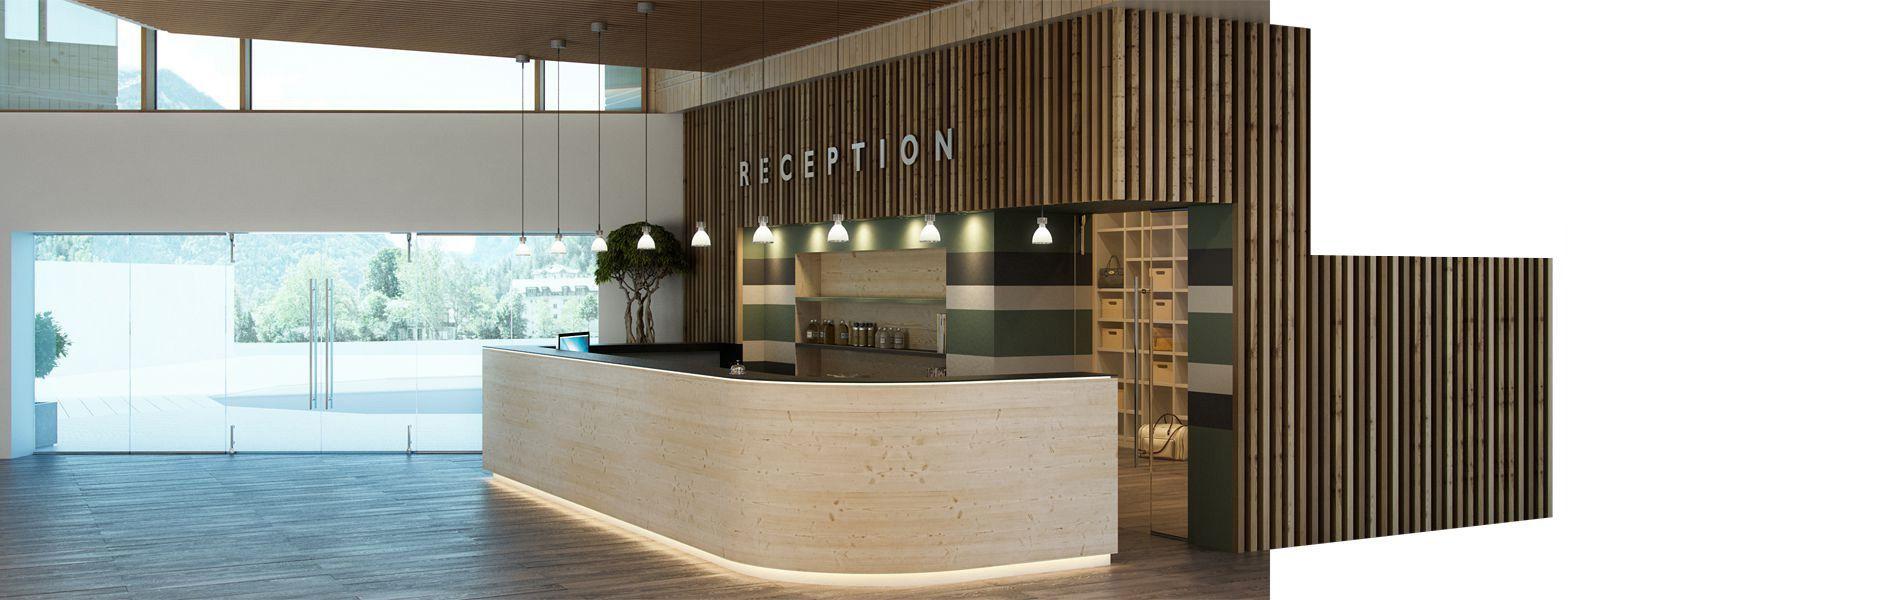 hotel_holver_reception_03_ro